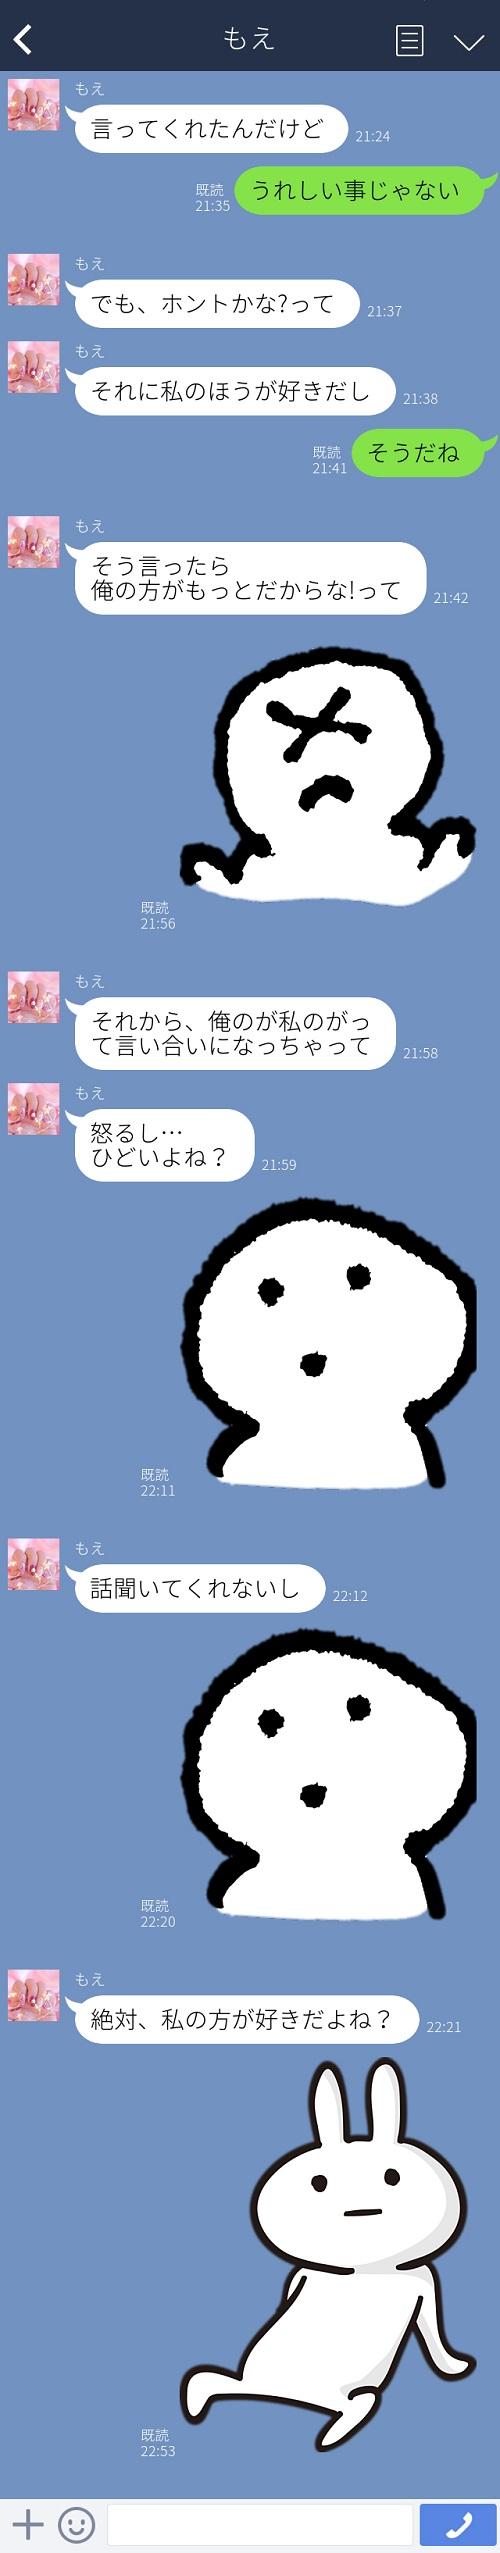 恋愛相談②スタンプ続き